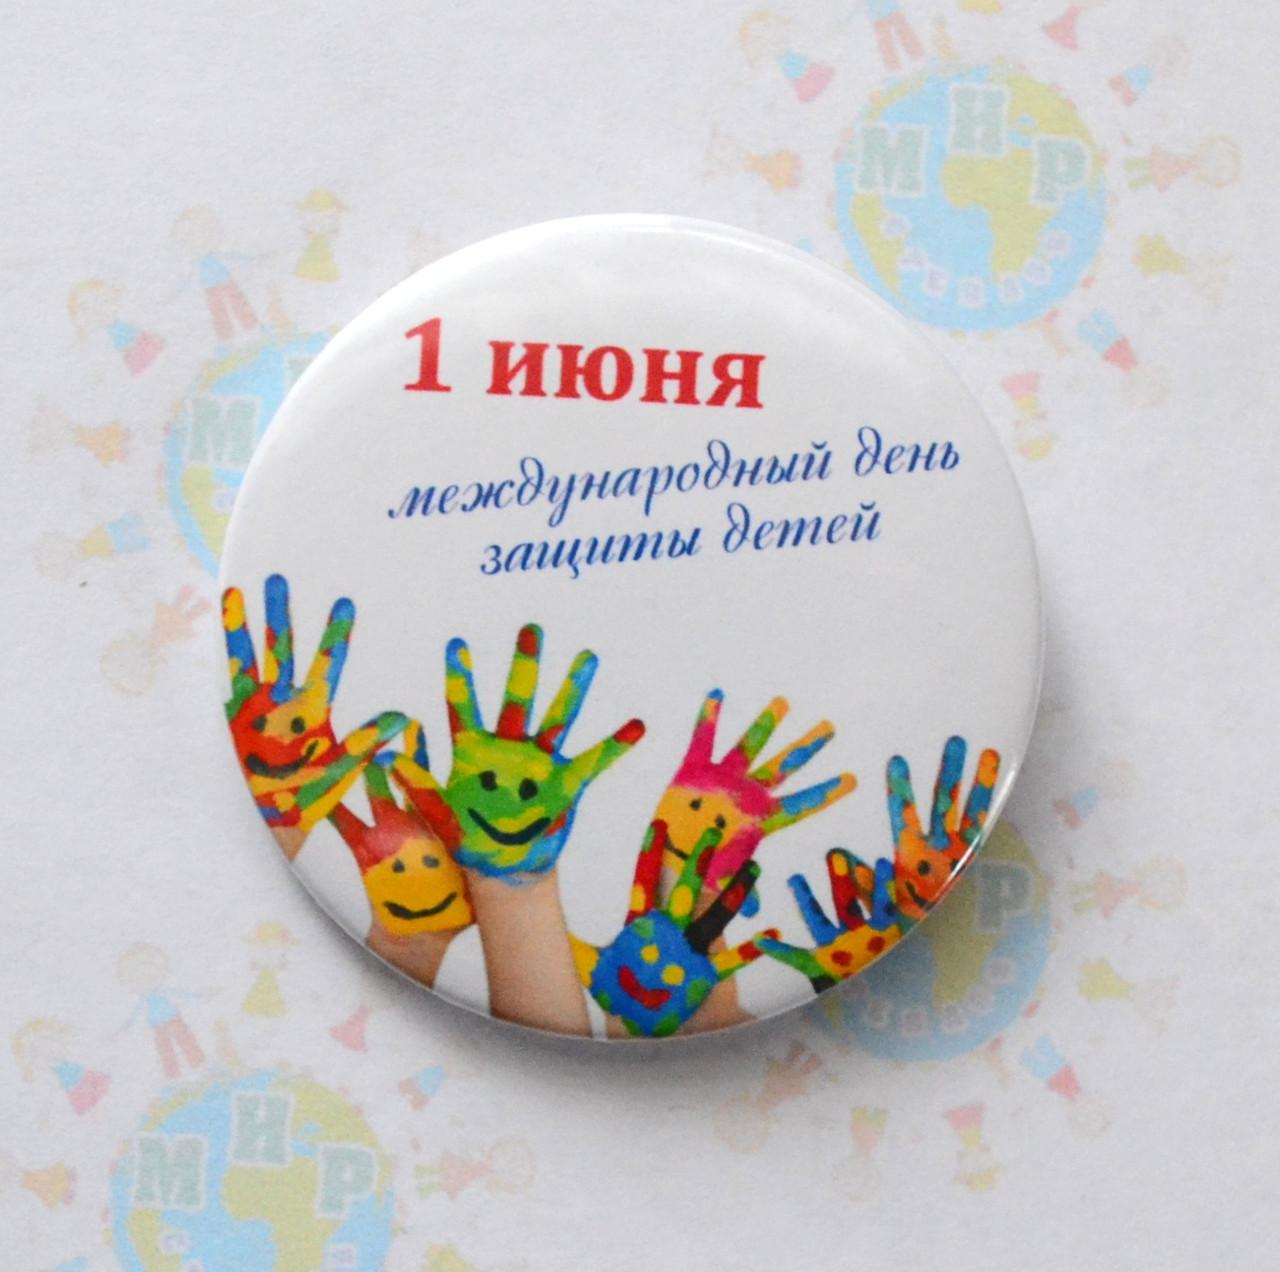 Значок 1 июня - день защиты детей